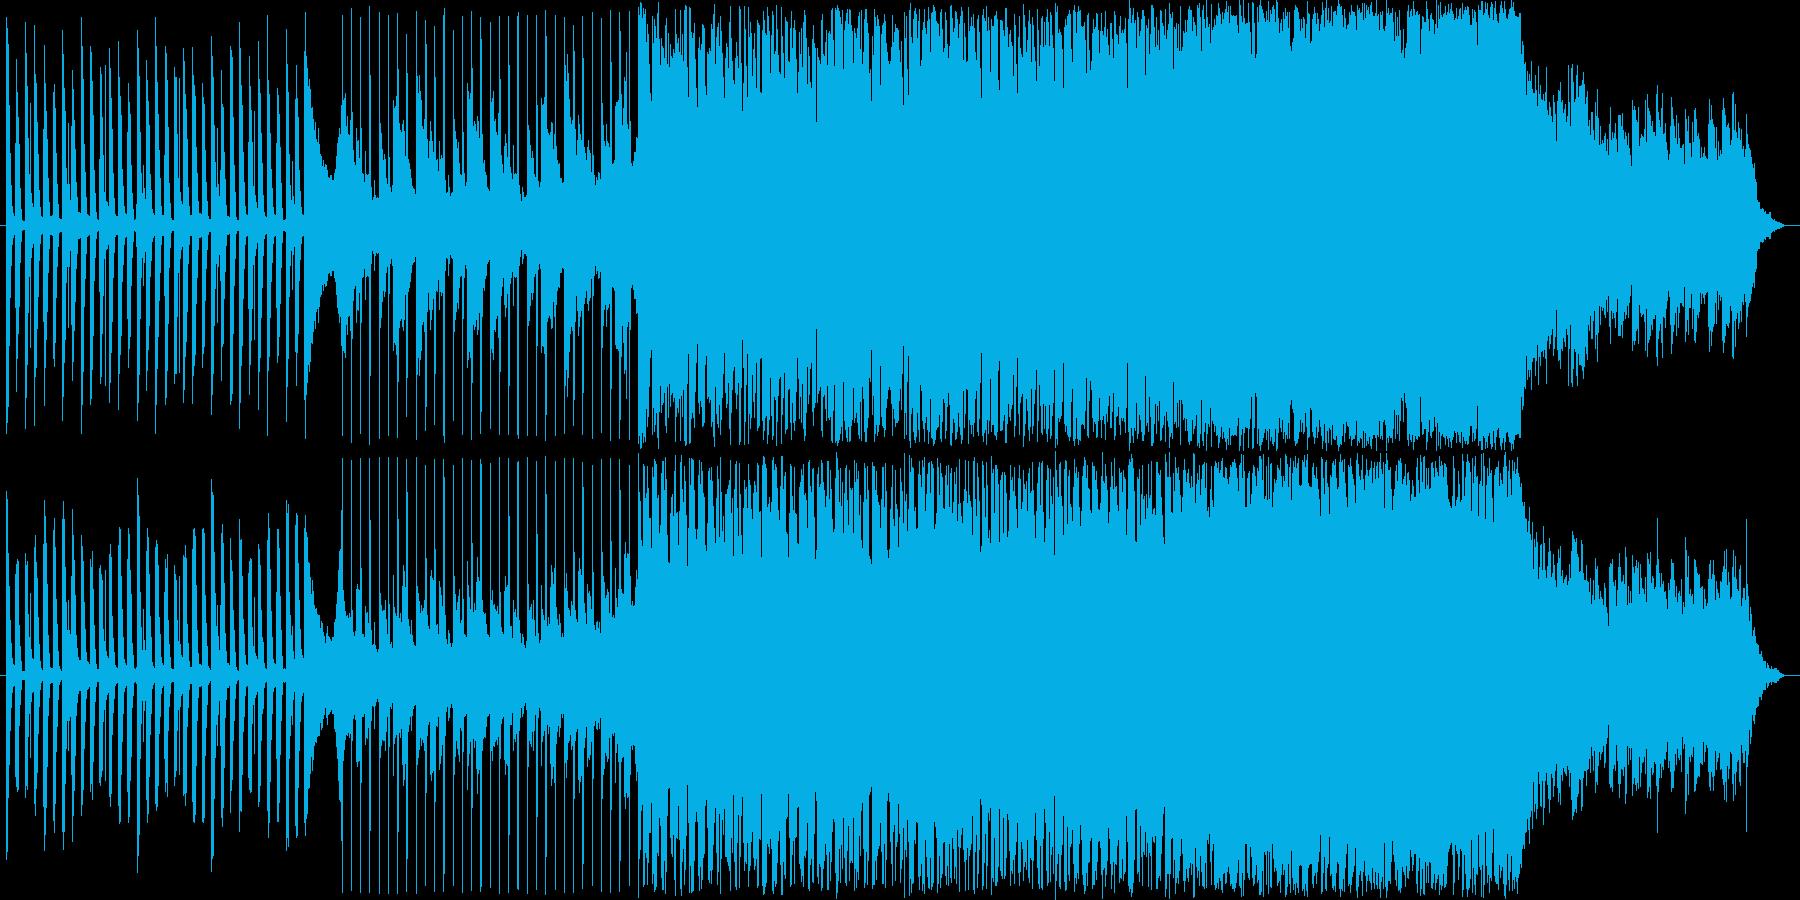 結婚式にも使えるハッピーな曲の再生済みの波形